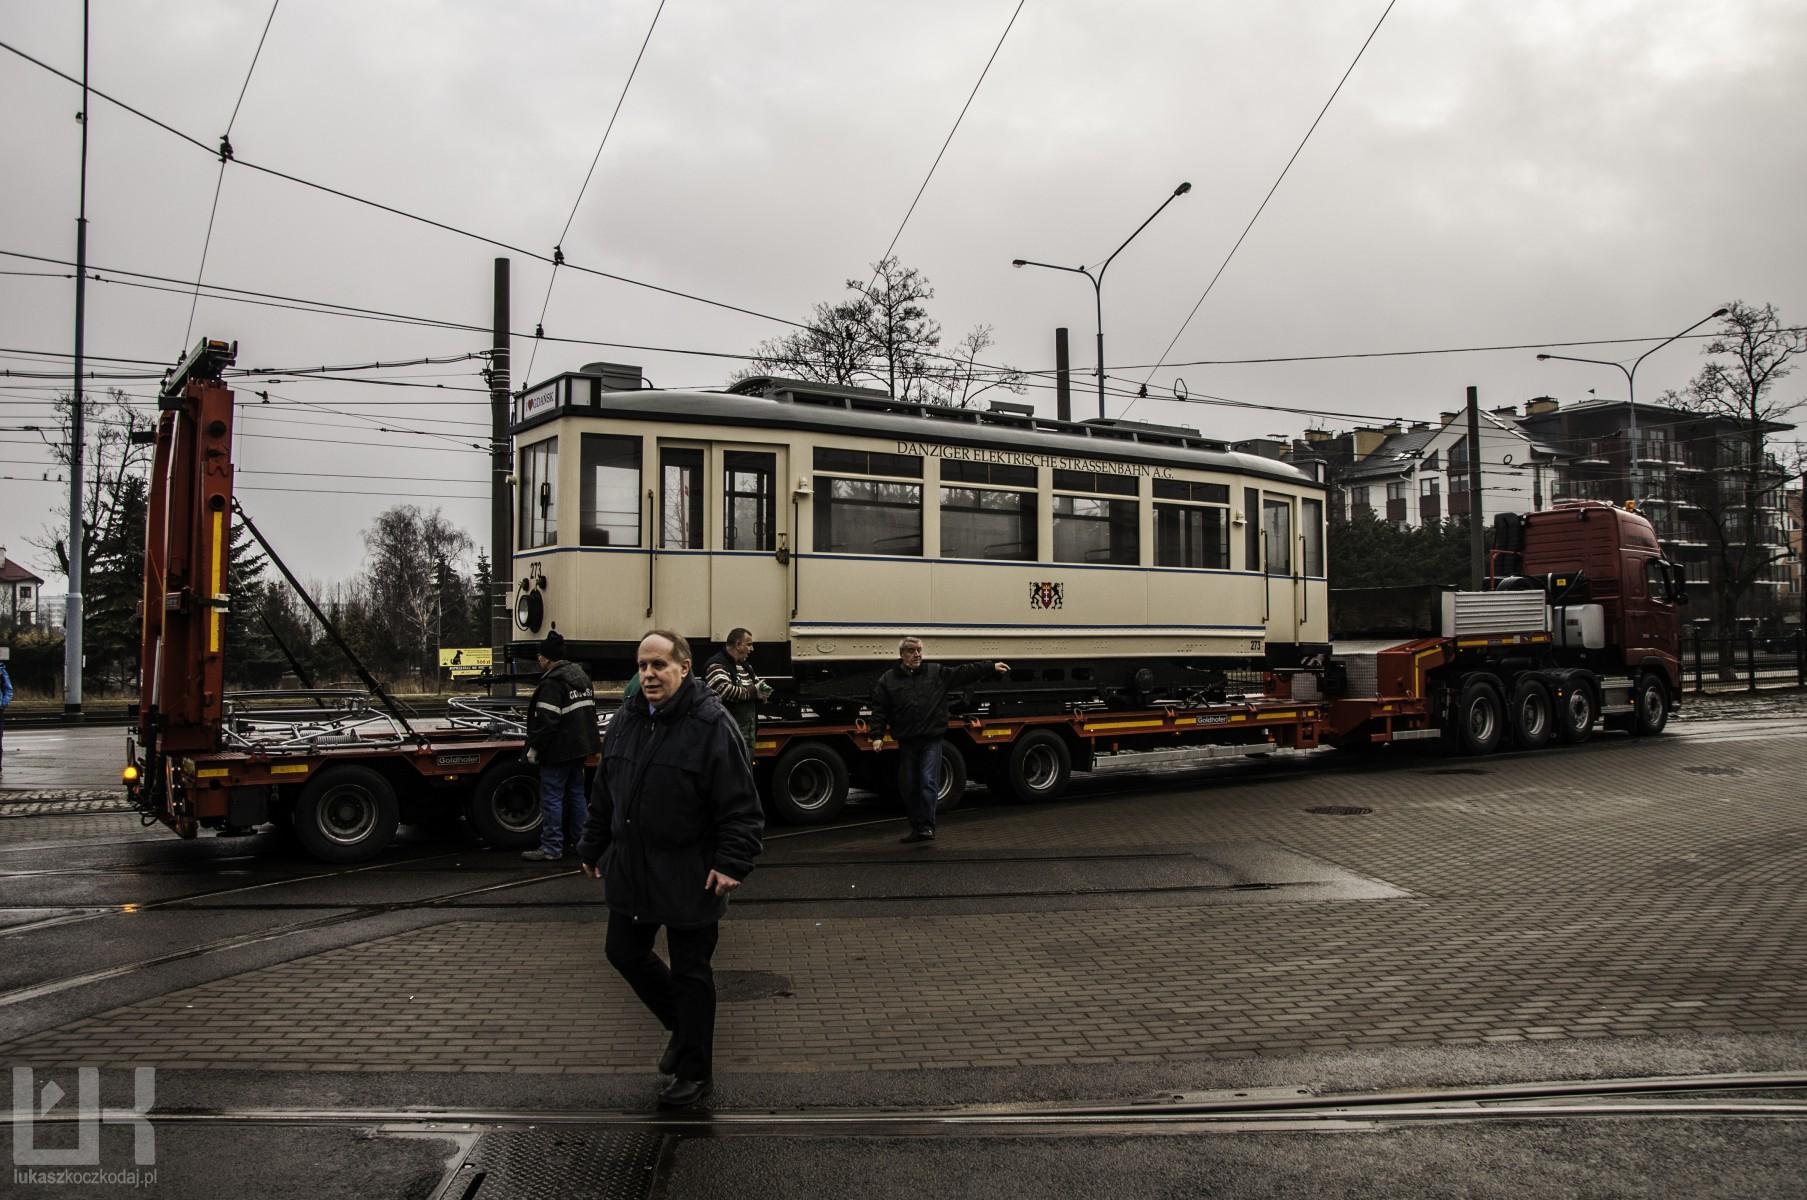 Fot. Łukasz Koczkodaj